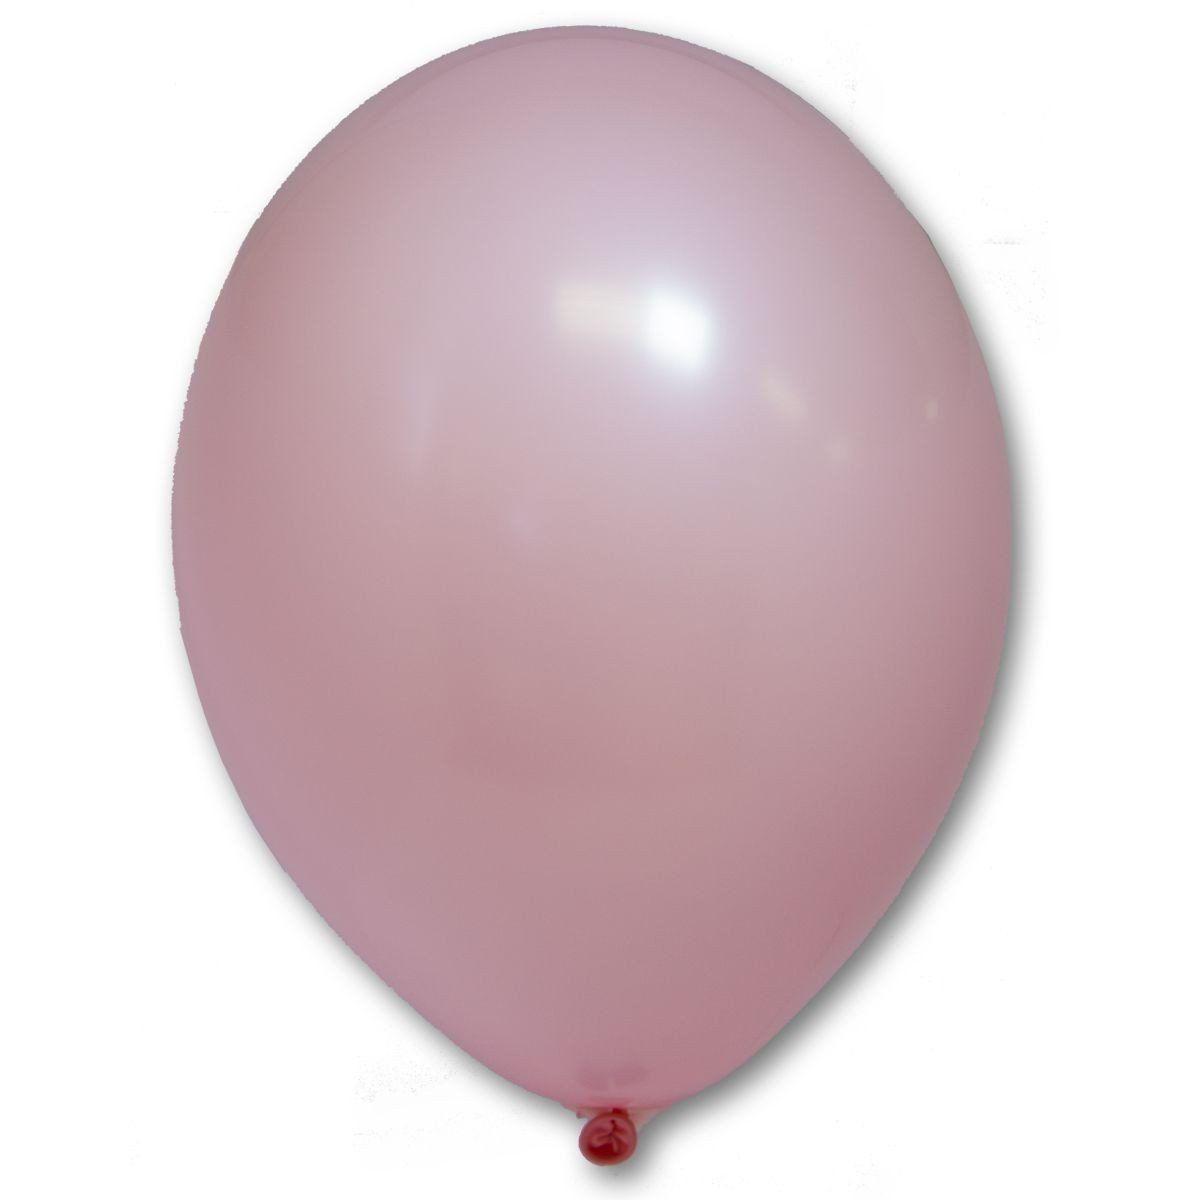 Латексные шары круглые без рисунка  В 105/004 пастель розовый (светлый)